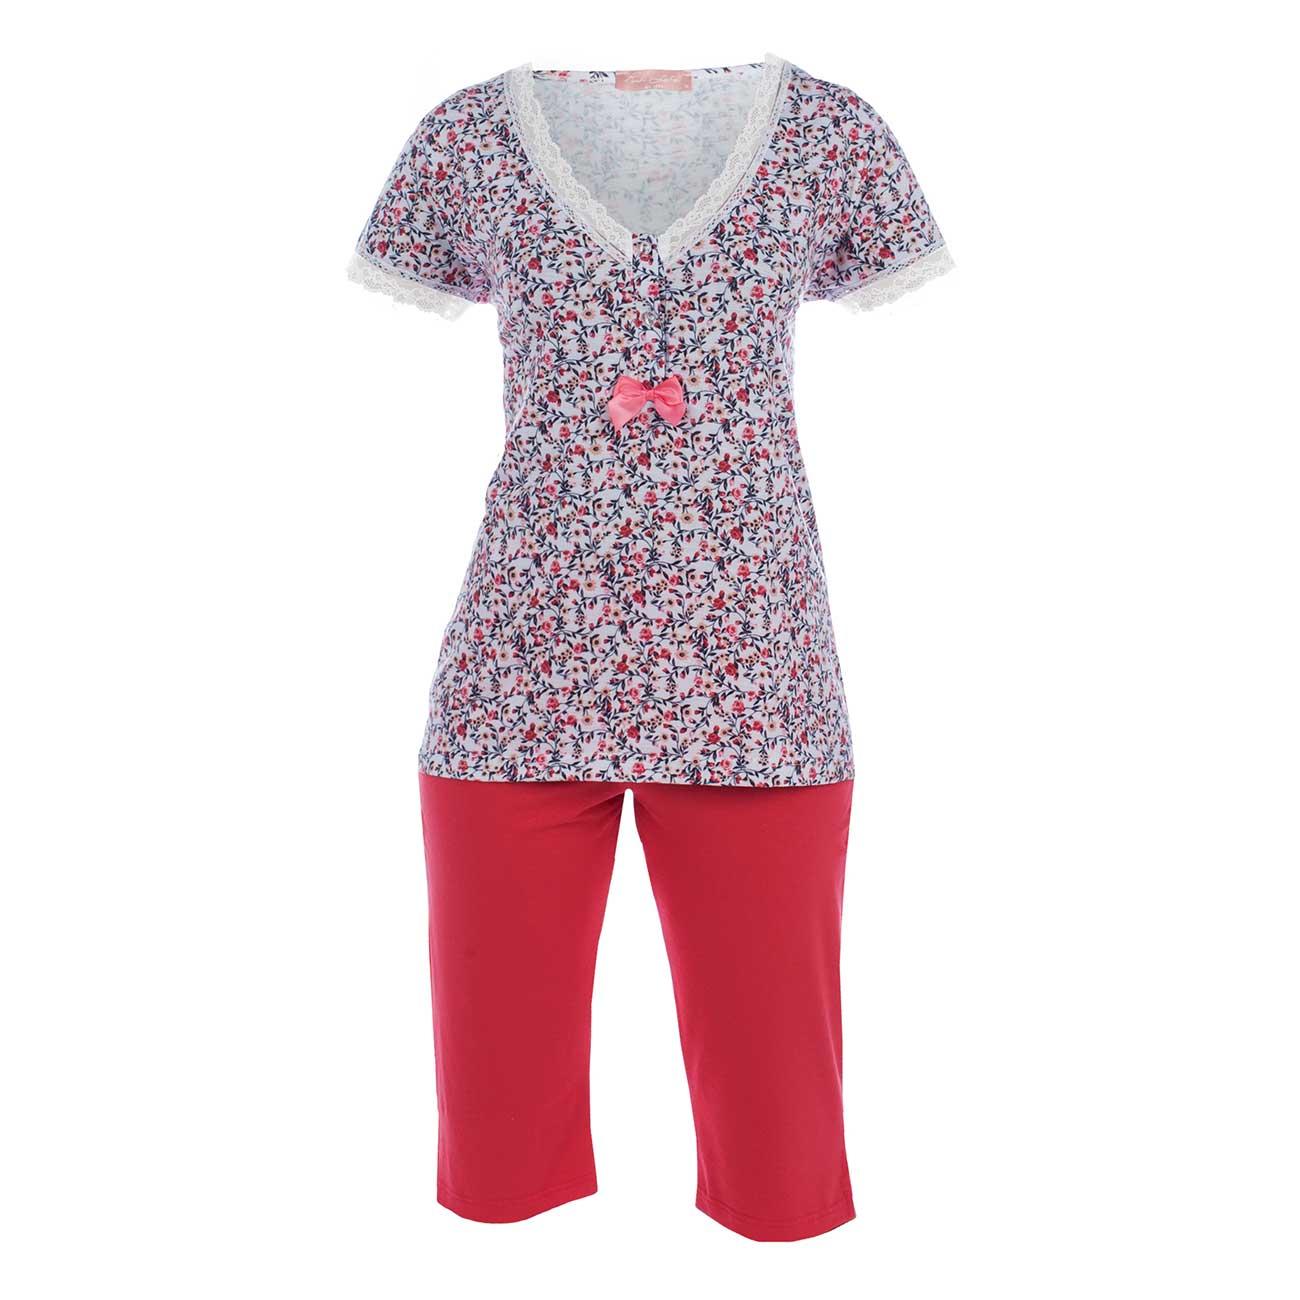 Πυτζάμα γυναικεία Pink Label - s376 Πολύχρωμη